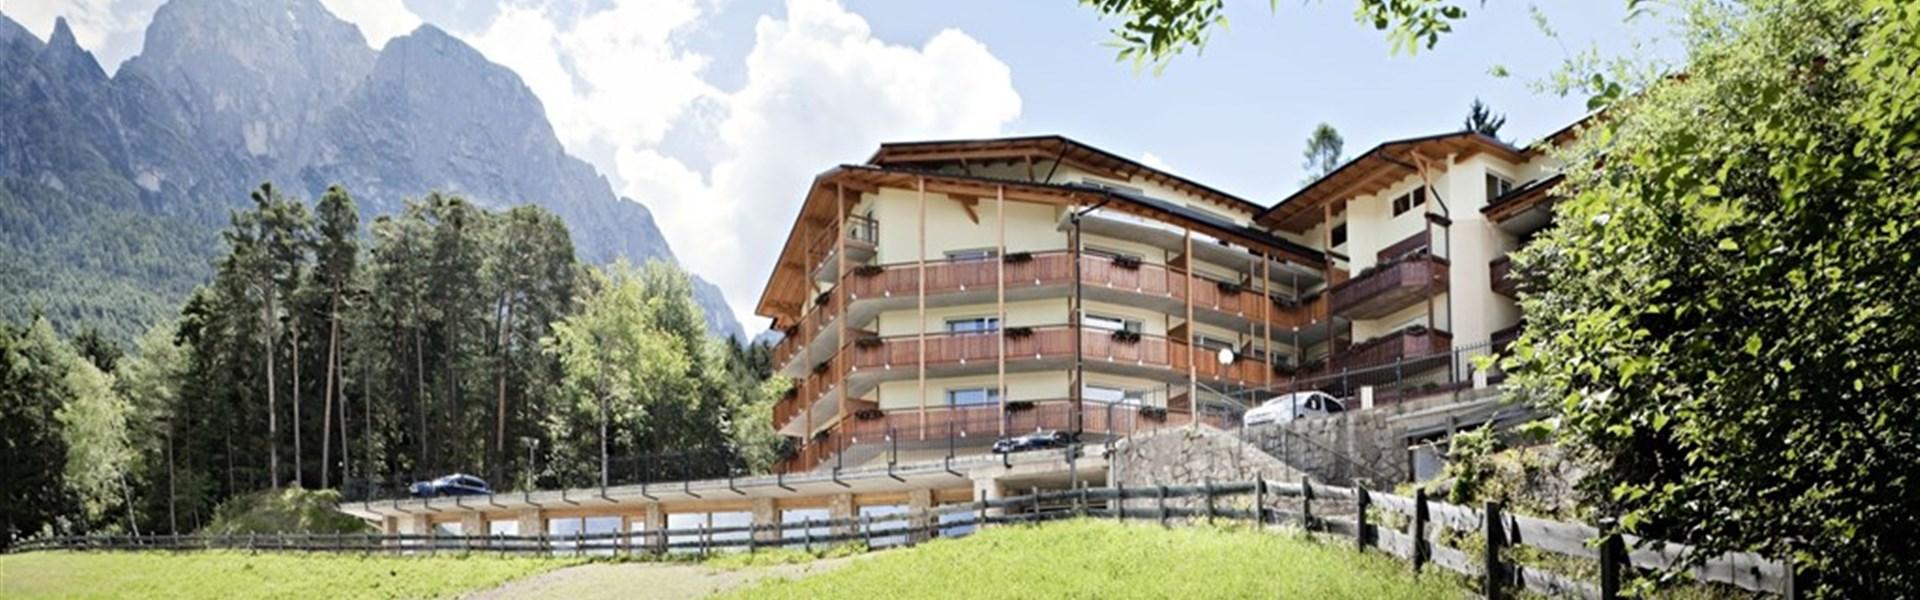 Parc Hotel Miramonti -